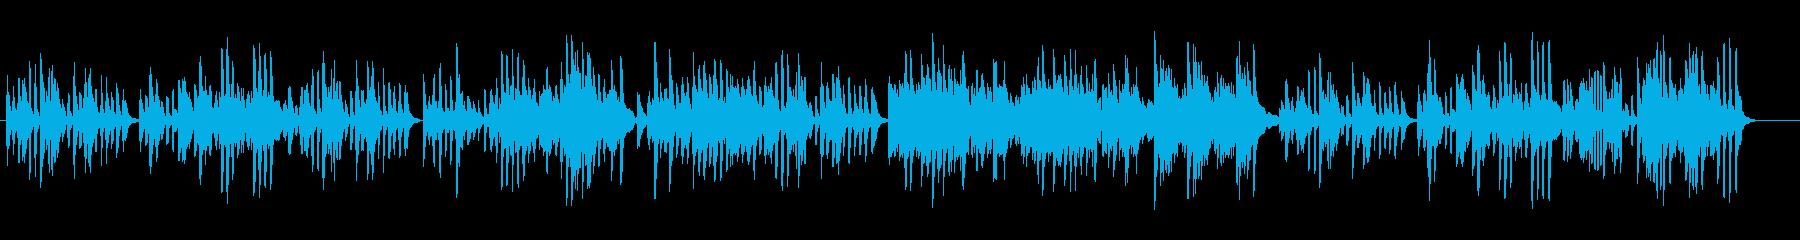 ハイドンのピアノソナタをピアノ演奏での再生済みの波形